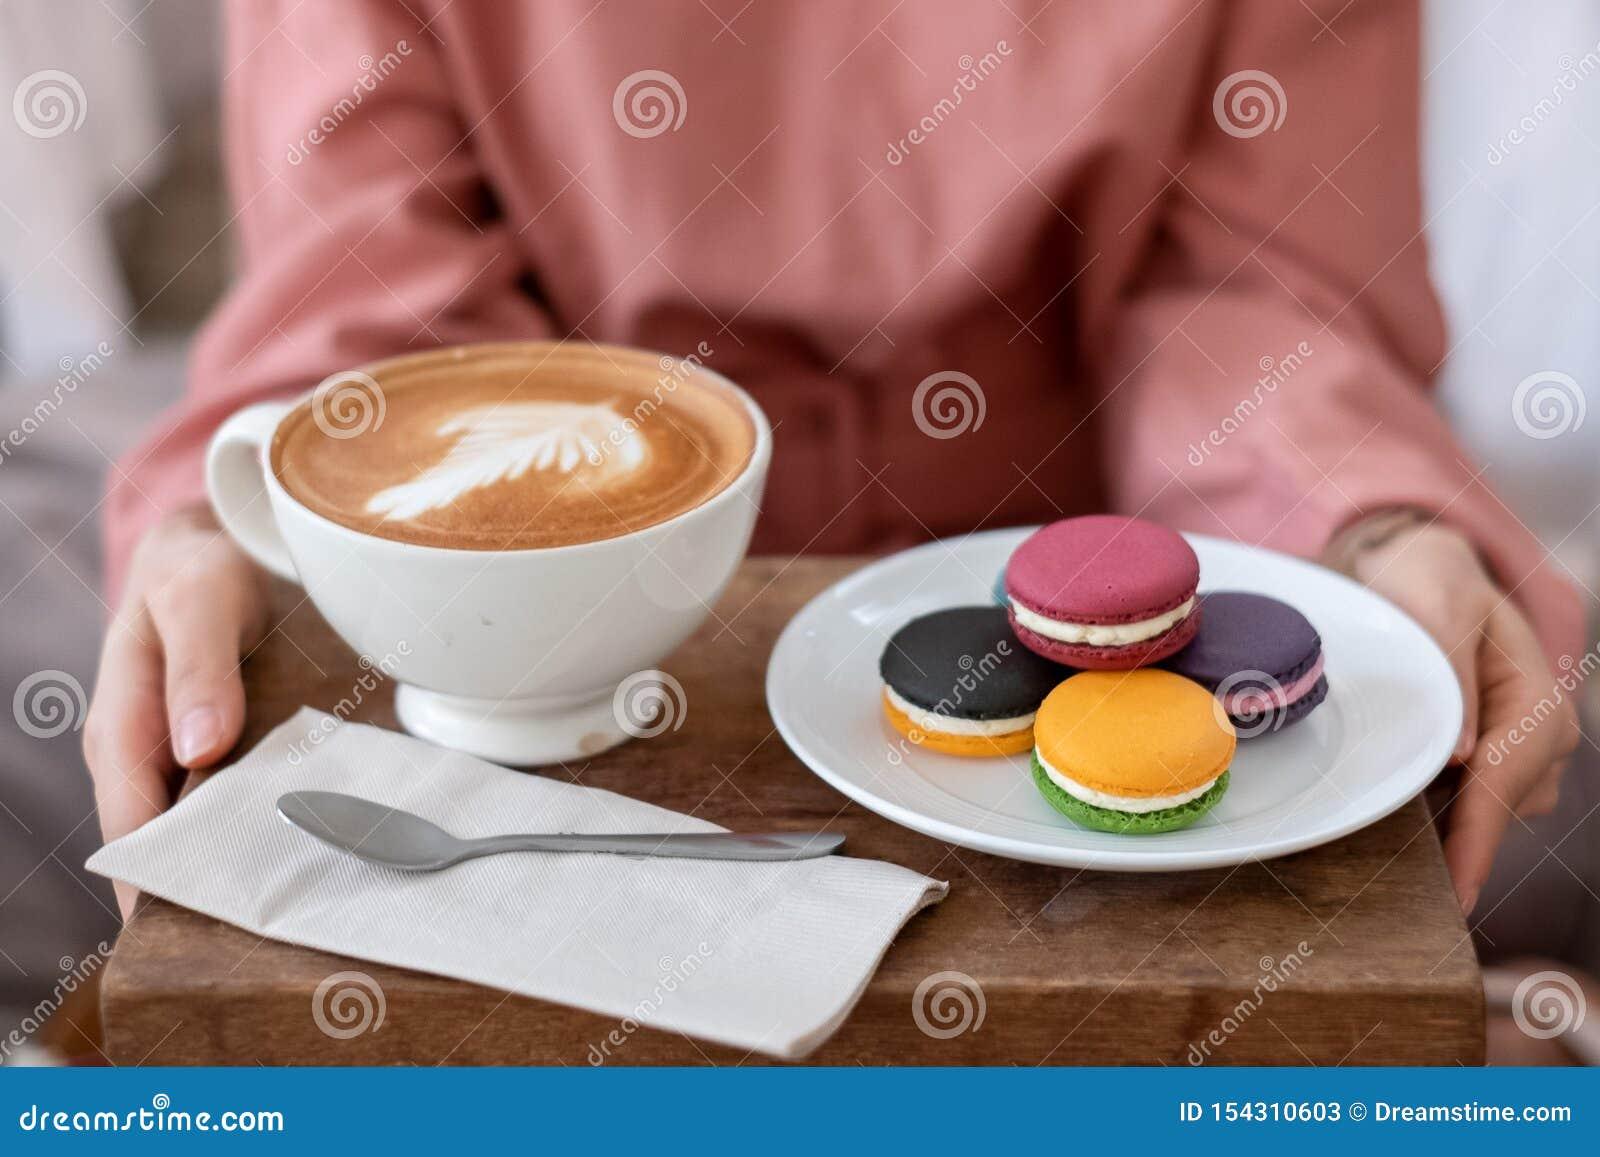 Mãos fêmeas que guardam bolinhos de amêndoa franceses coloridos e arte do latte